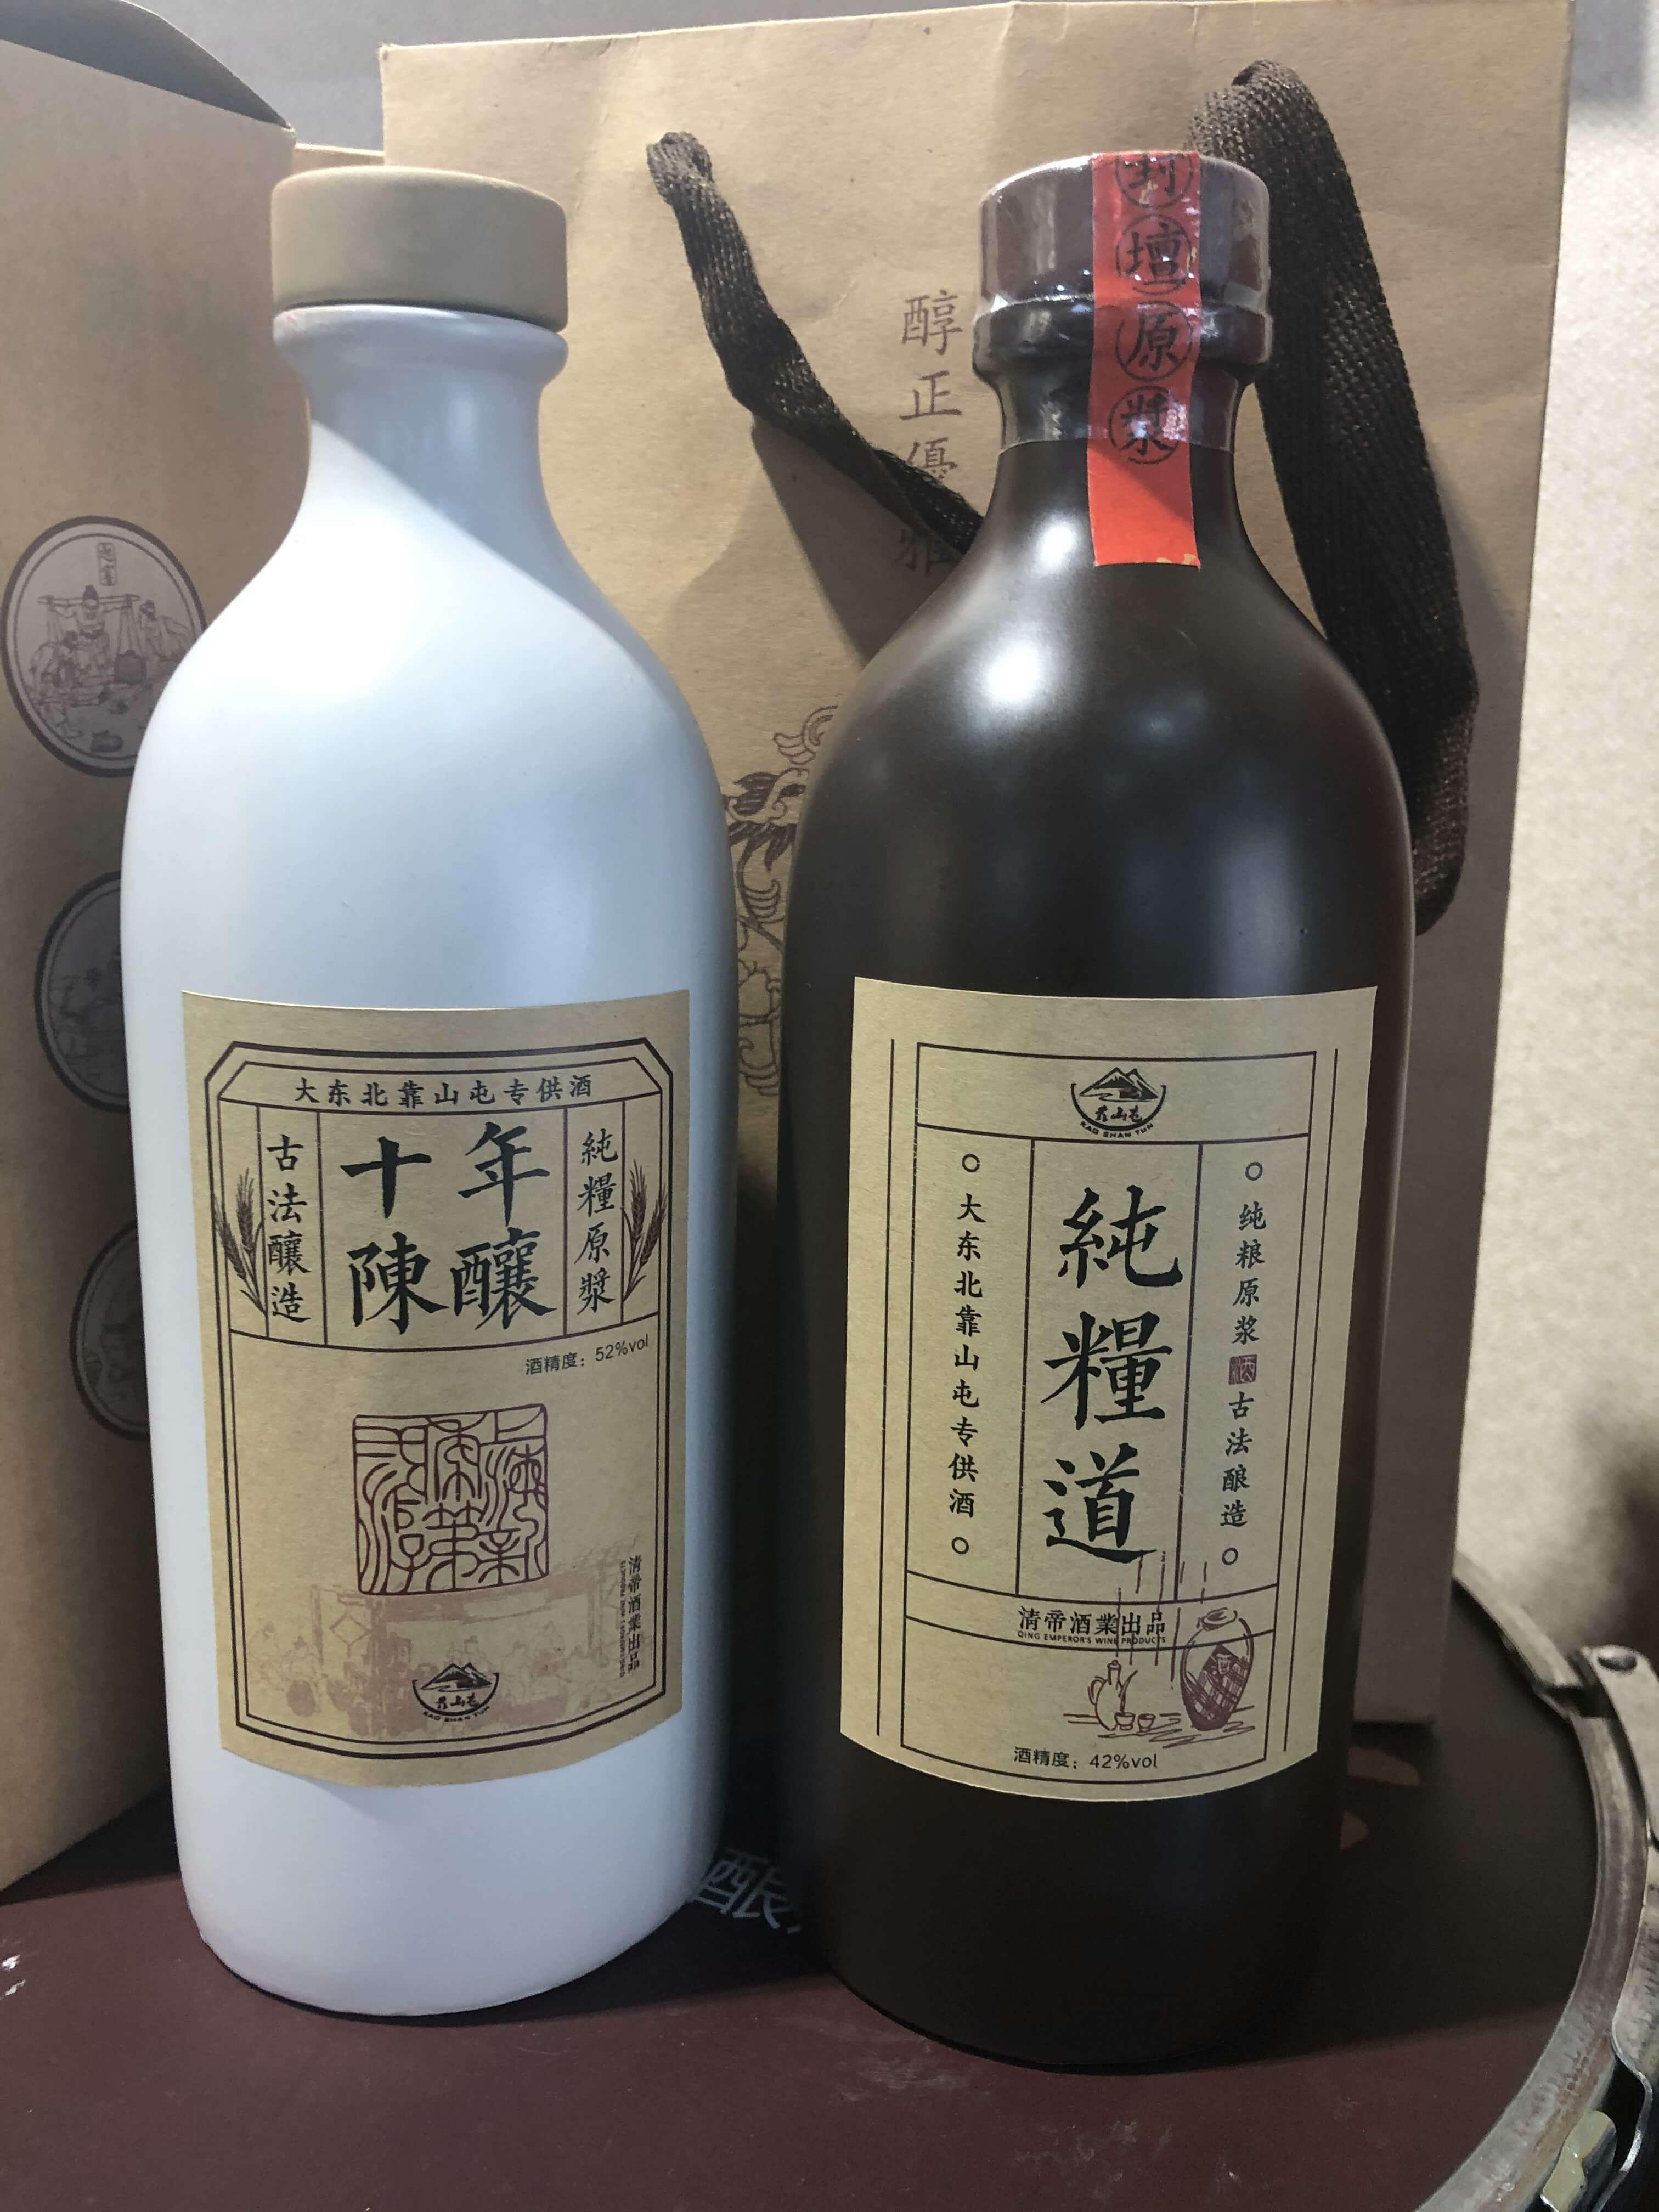 葡萄酒招商加盟分享怎么从色泽看葡萄酒